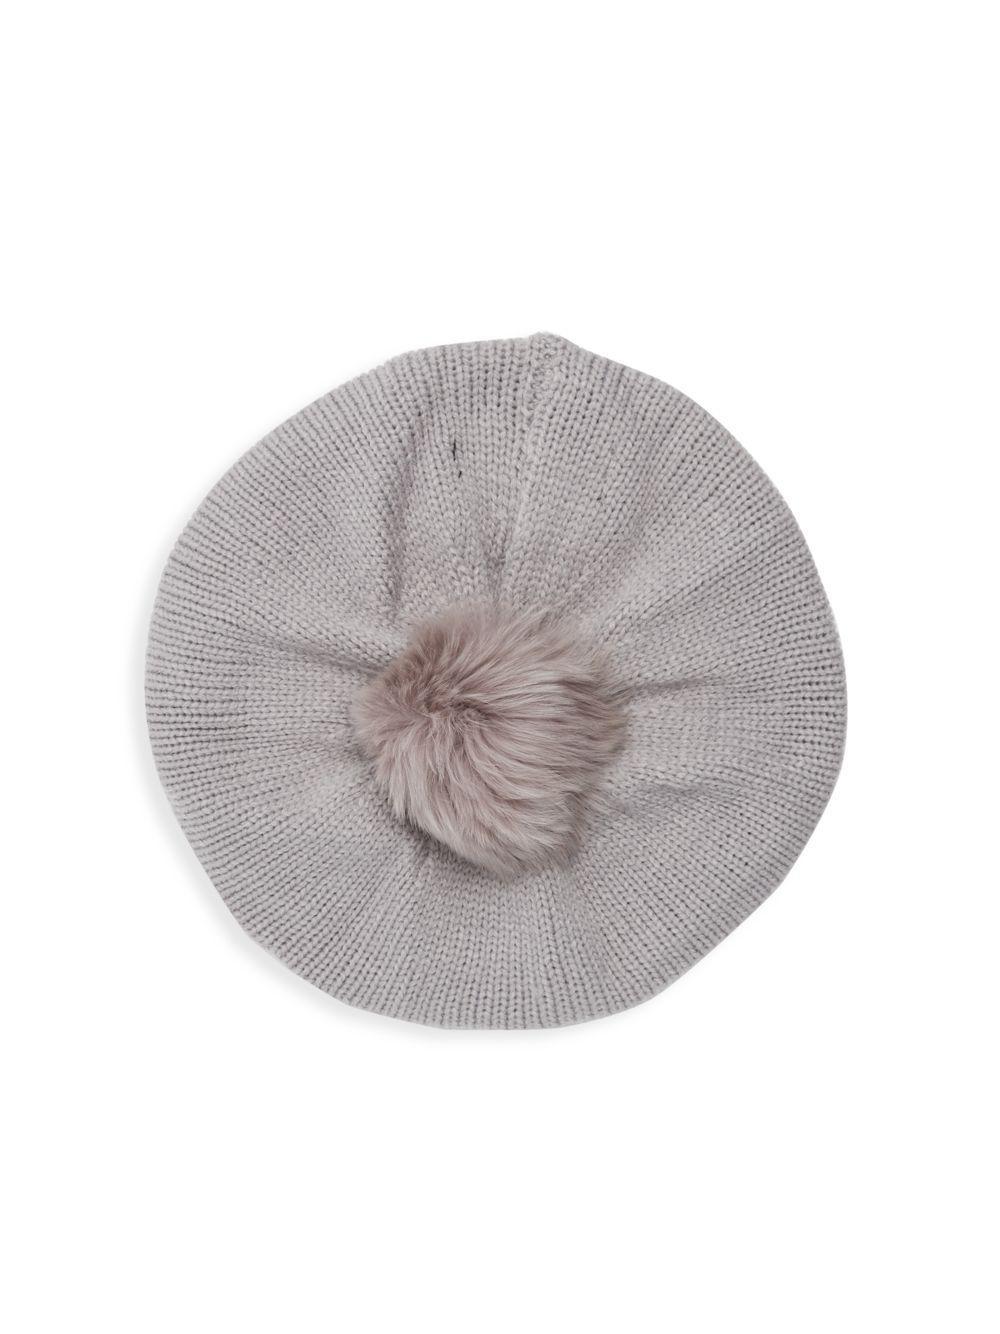 Lyst - Adrienne Landau Dyed Fox Fur Pom-pom Beret in Gray 0ac0081d5387